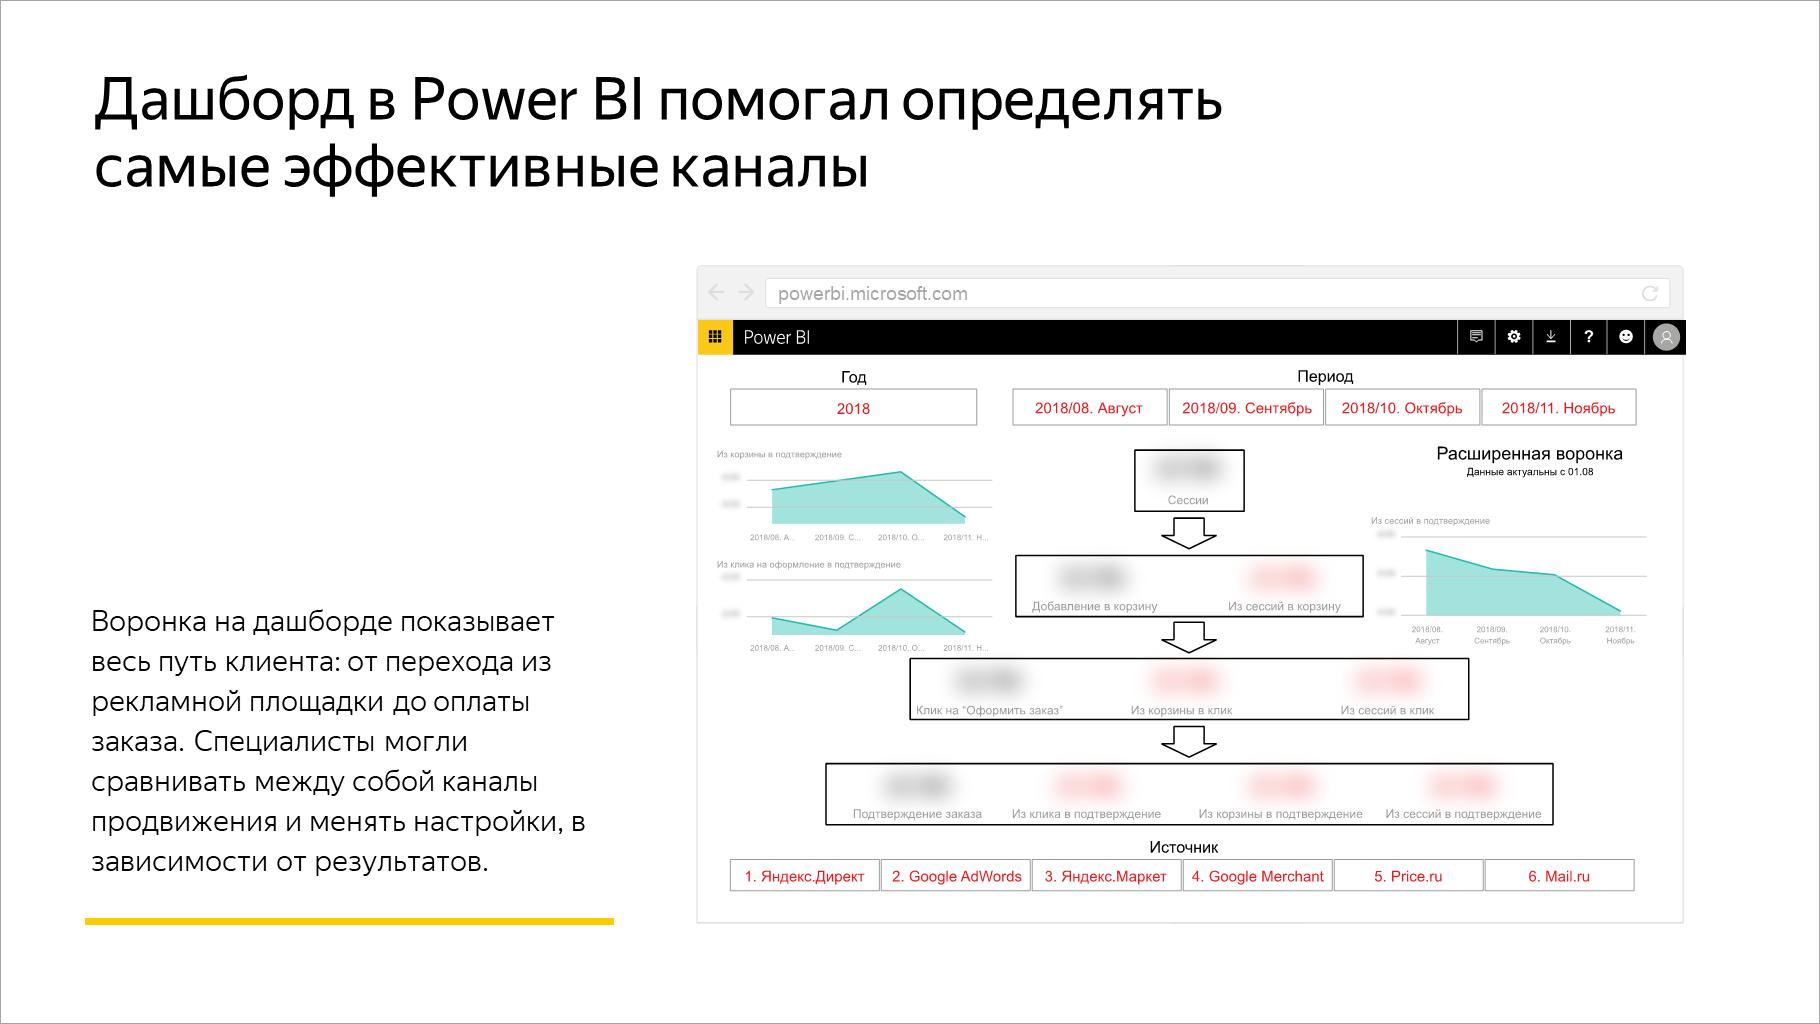 Дашборд в Power BI помогал определять самые эффективные каналы